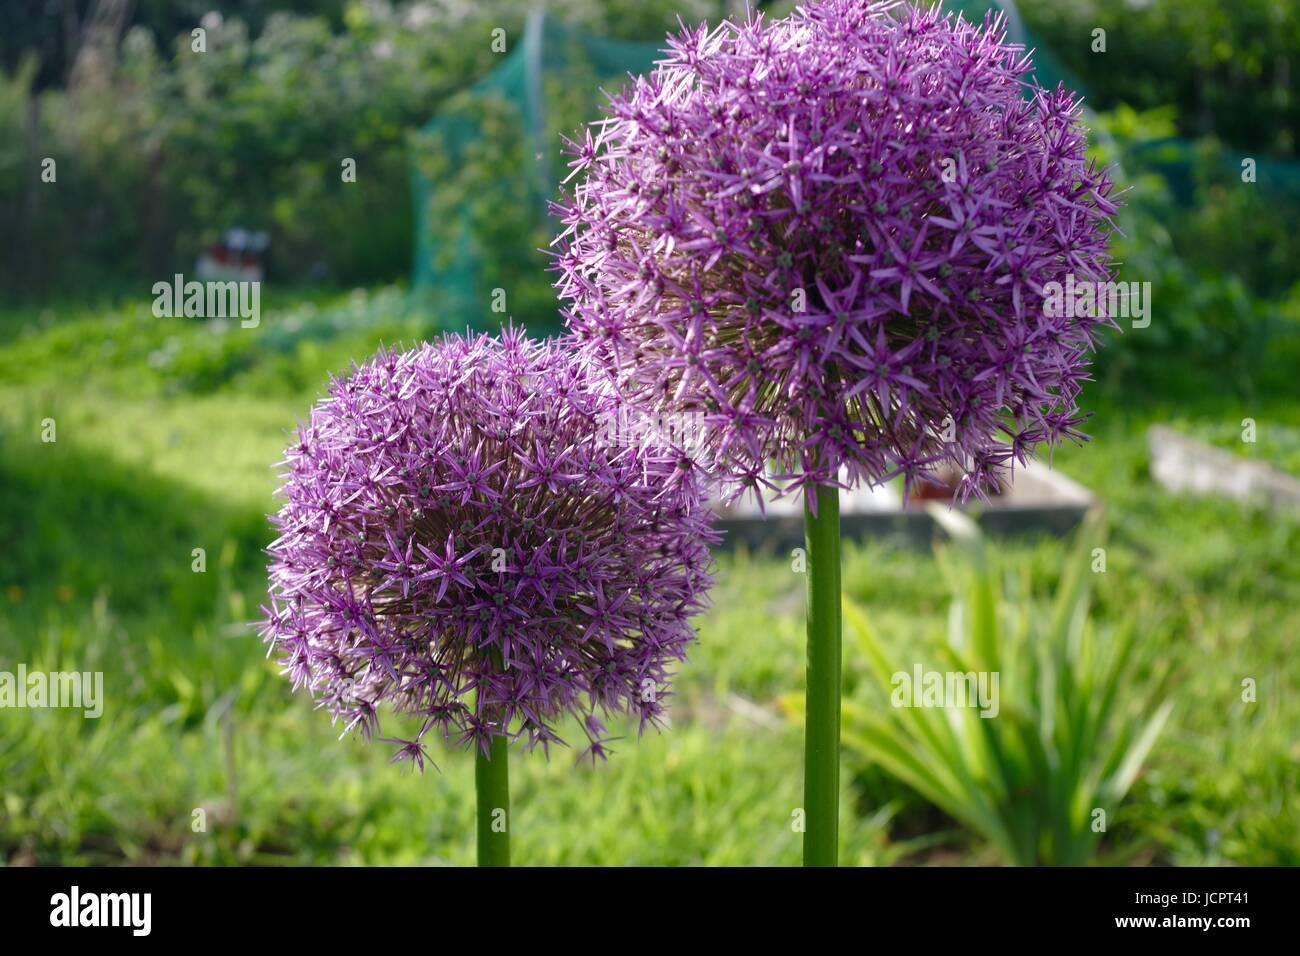 Allium Flowers Growing on an Allotment Plot. Exeter, Devon, UK. June, 2017. - Stock Image